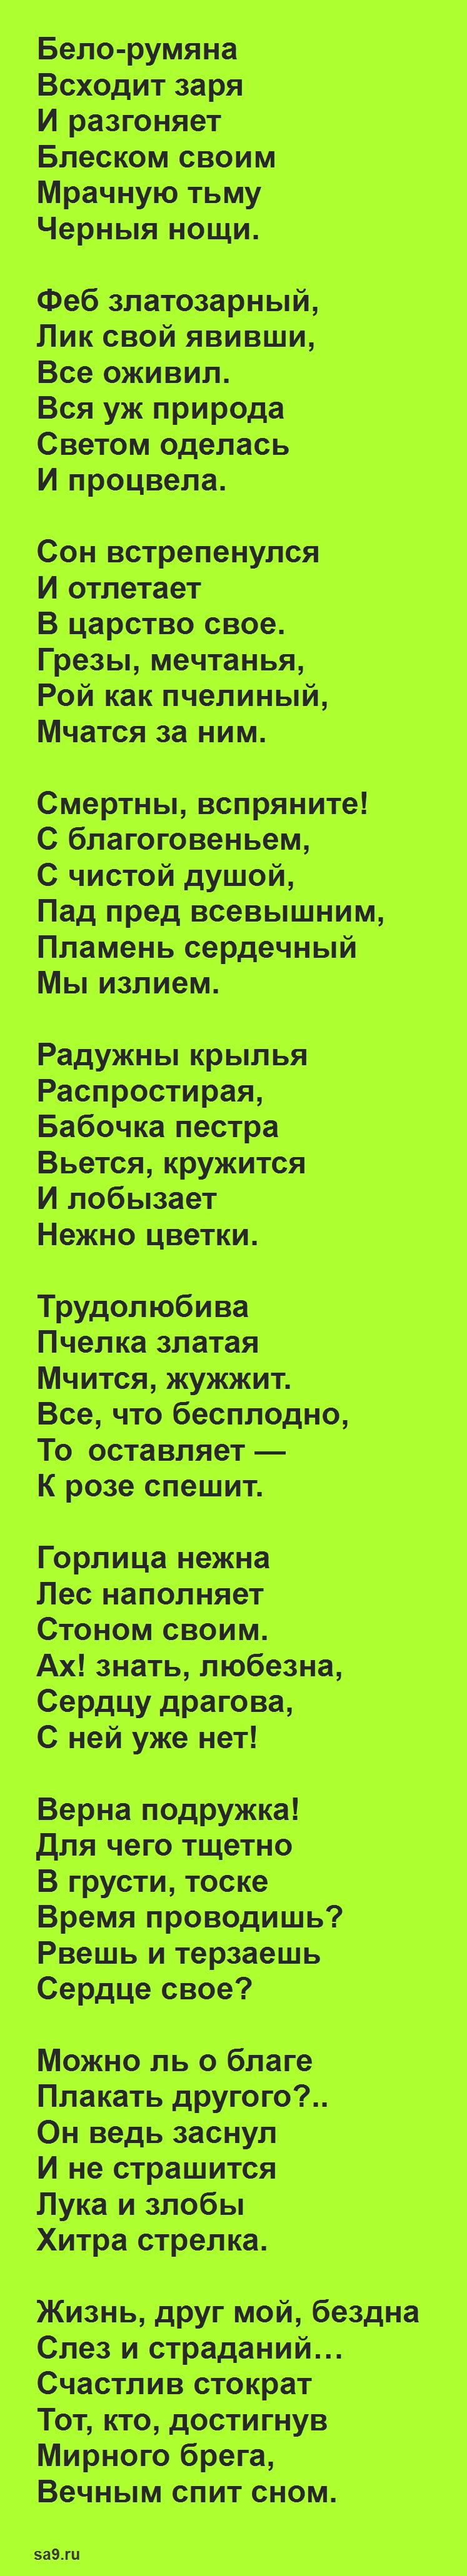 Лучшие стихи Жуковского о природе - Майское утро